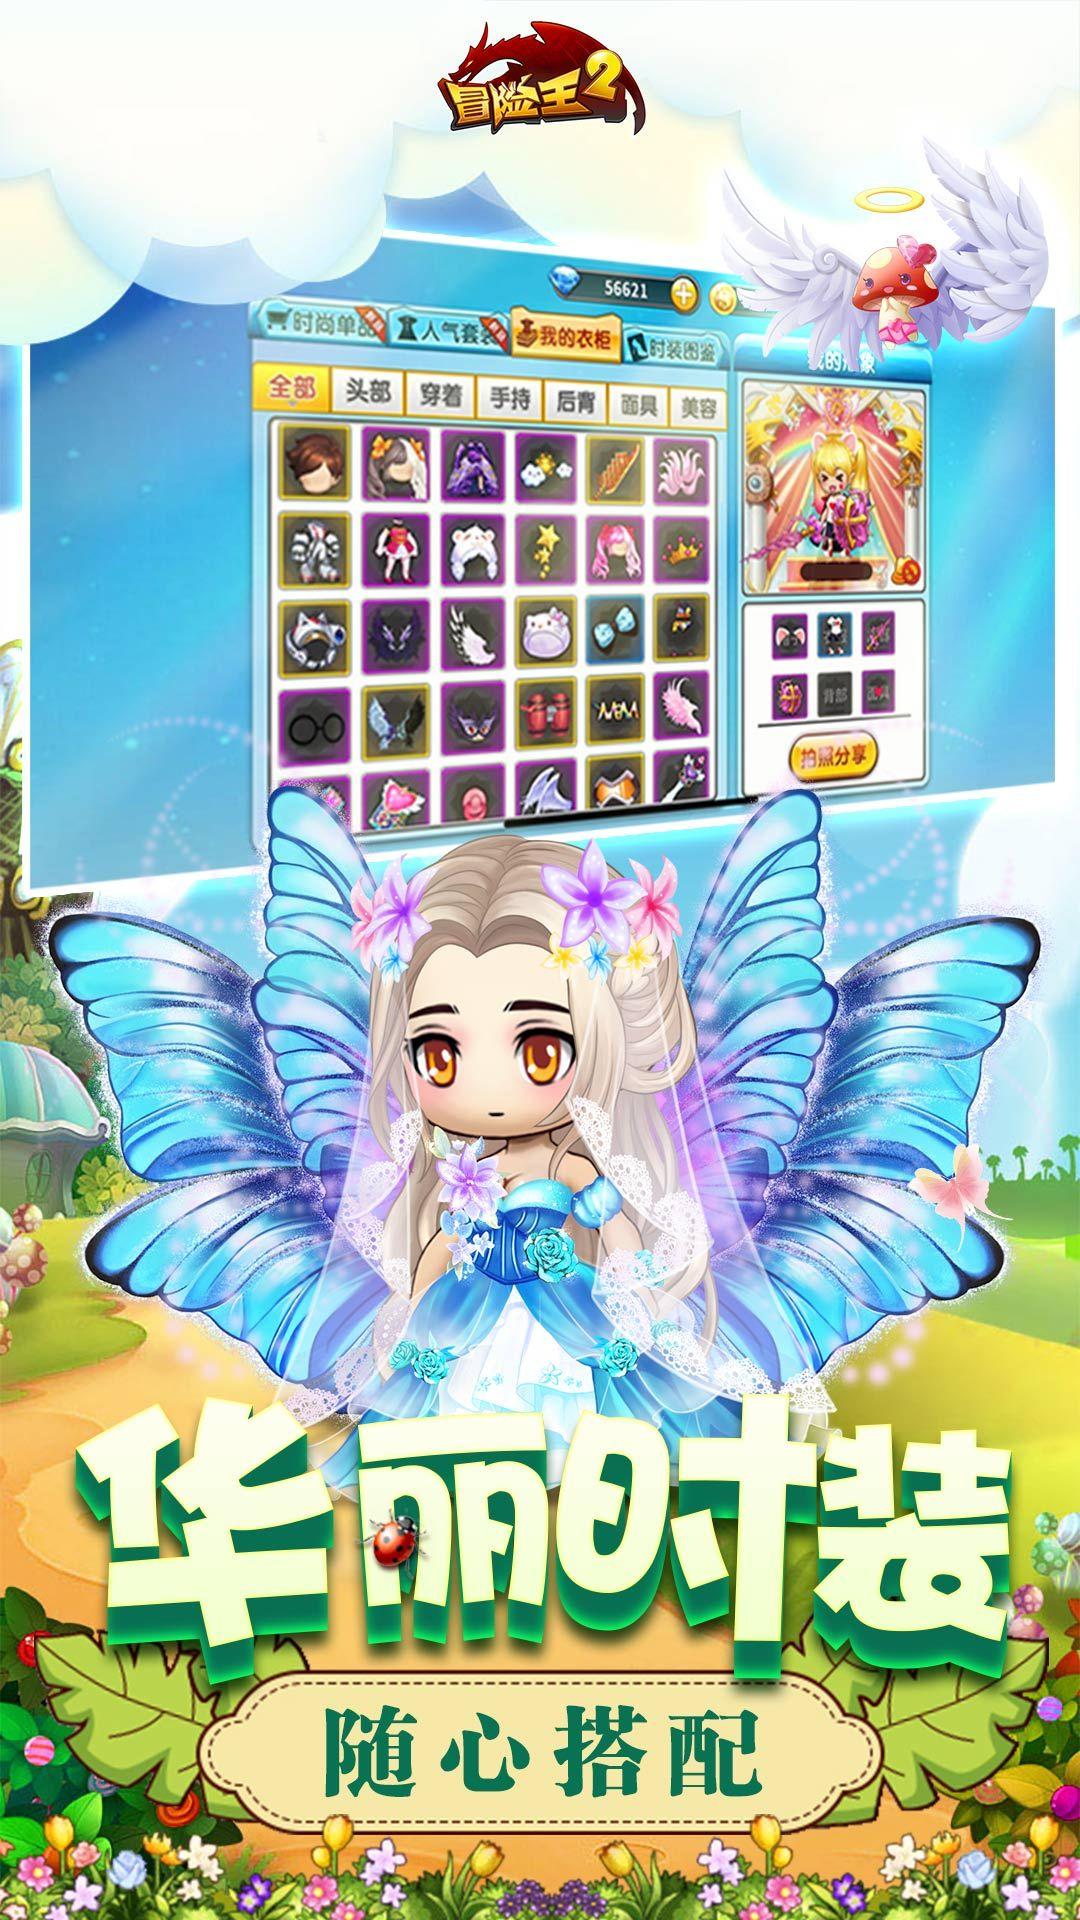 冒险王2-混服版_游戏介绍图